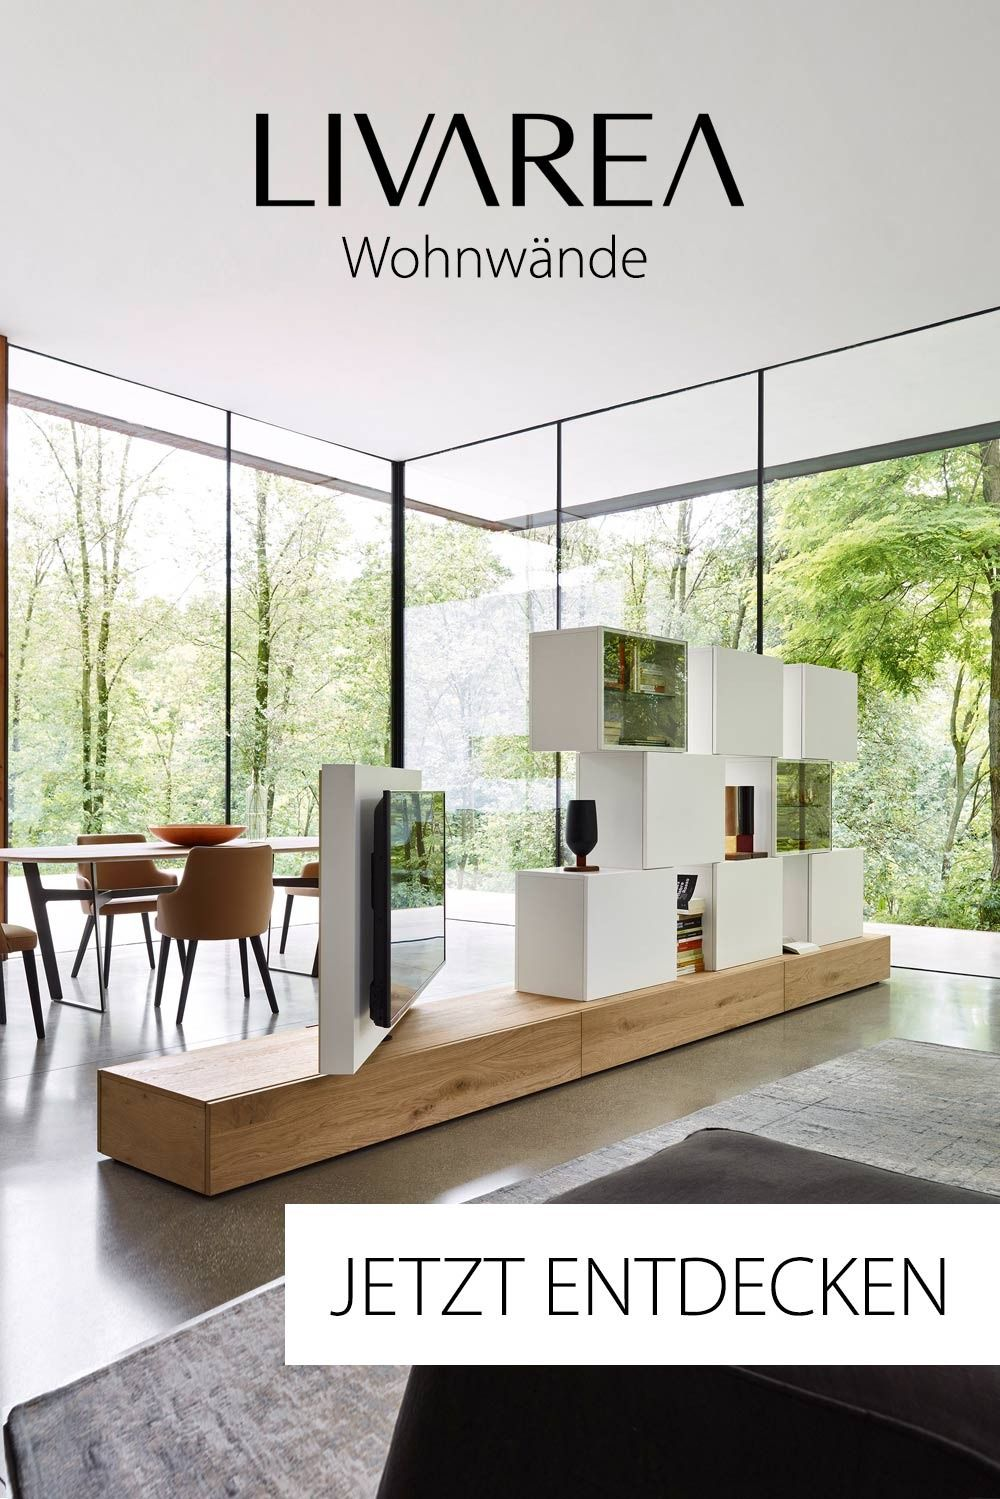 Wohnwande In 2020 Wohnen Wohnwand Haus Design Plane